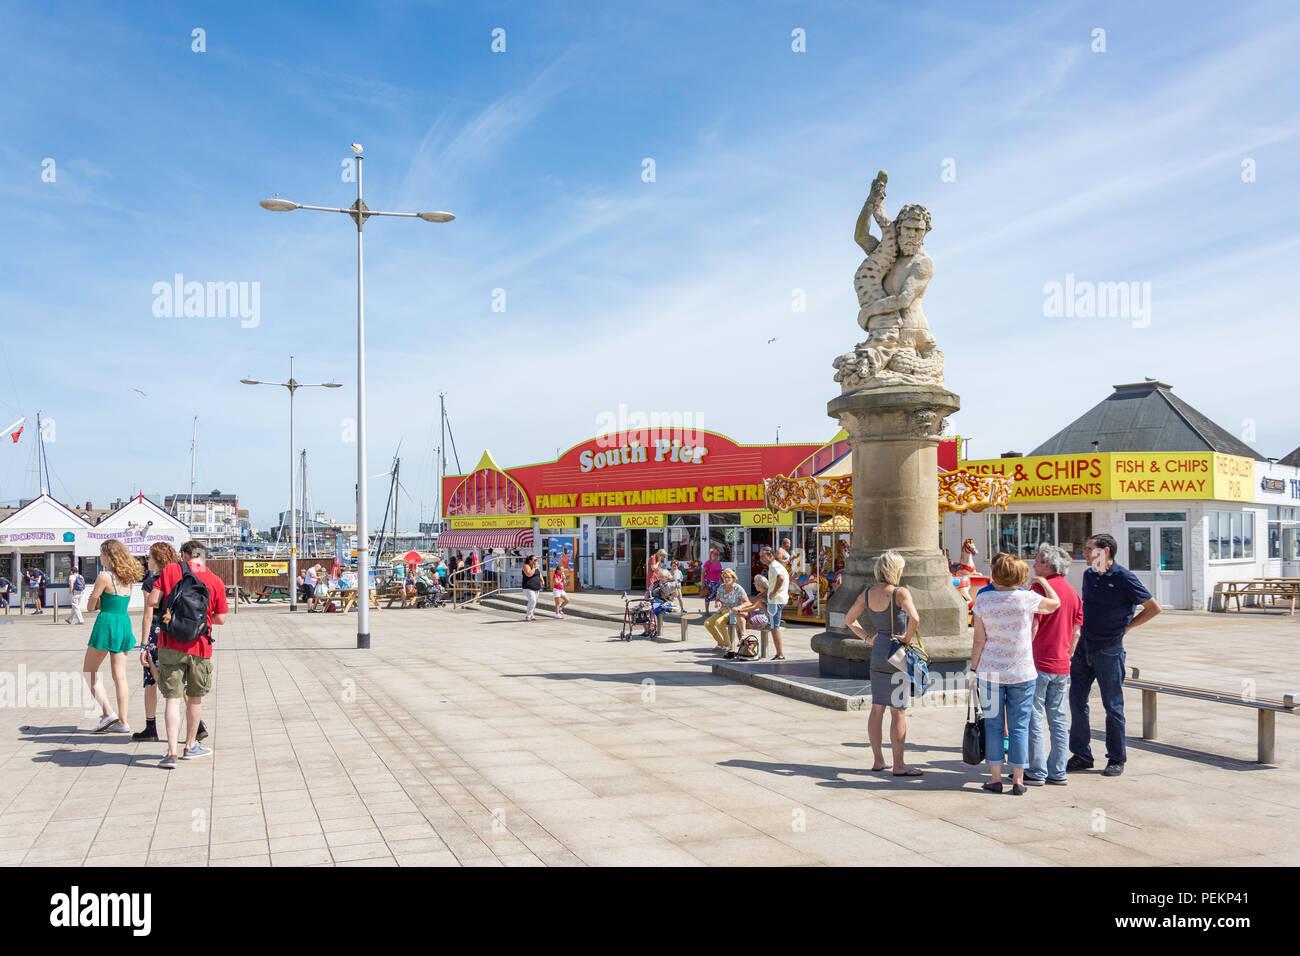 South Pier Entertainment Center und Triton Statue, Royal Plain, Lowestoft Strand, Lowestoft, Suffolk, England, Vereinigtes Königreich Stockbild